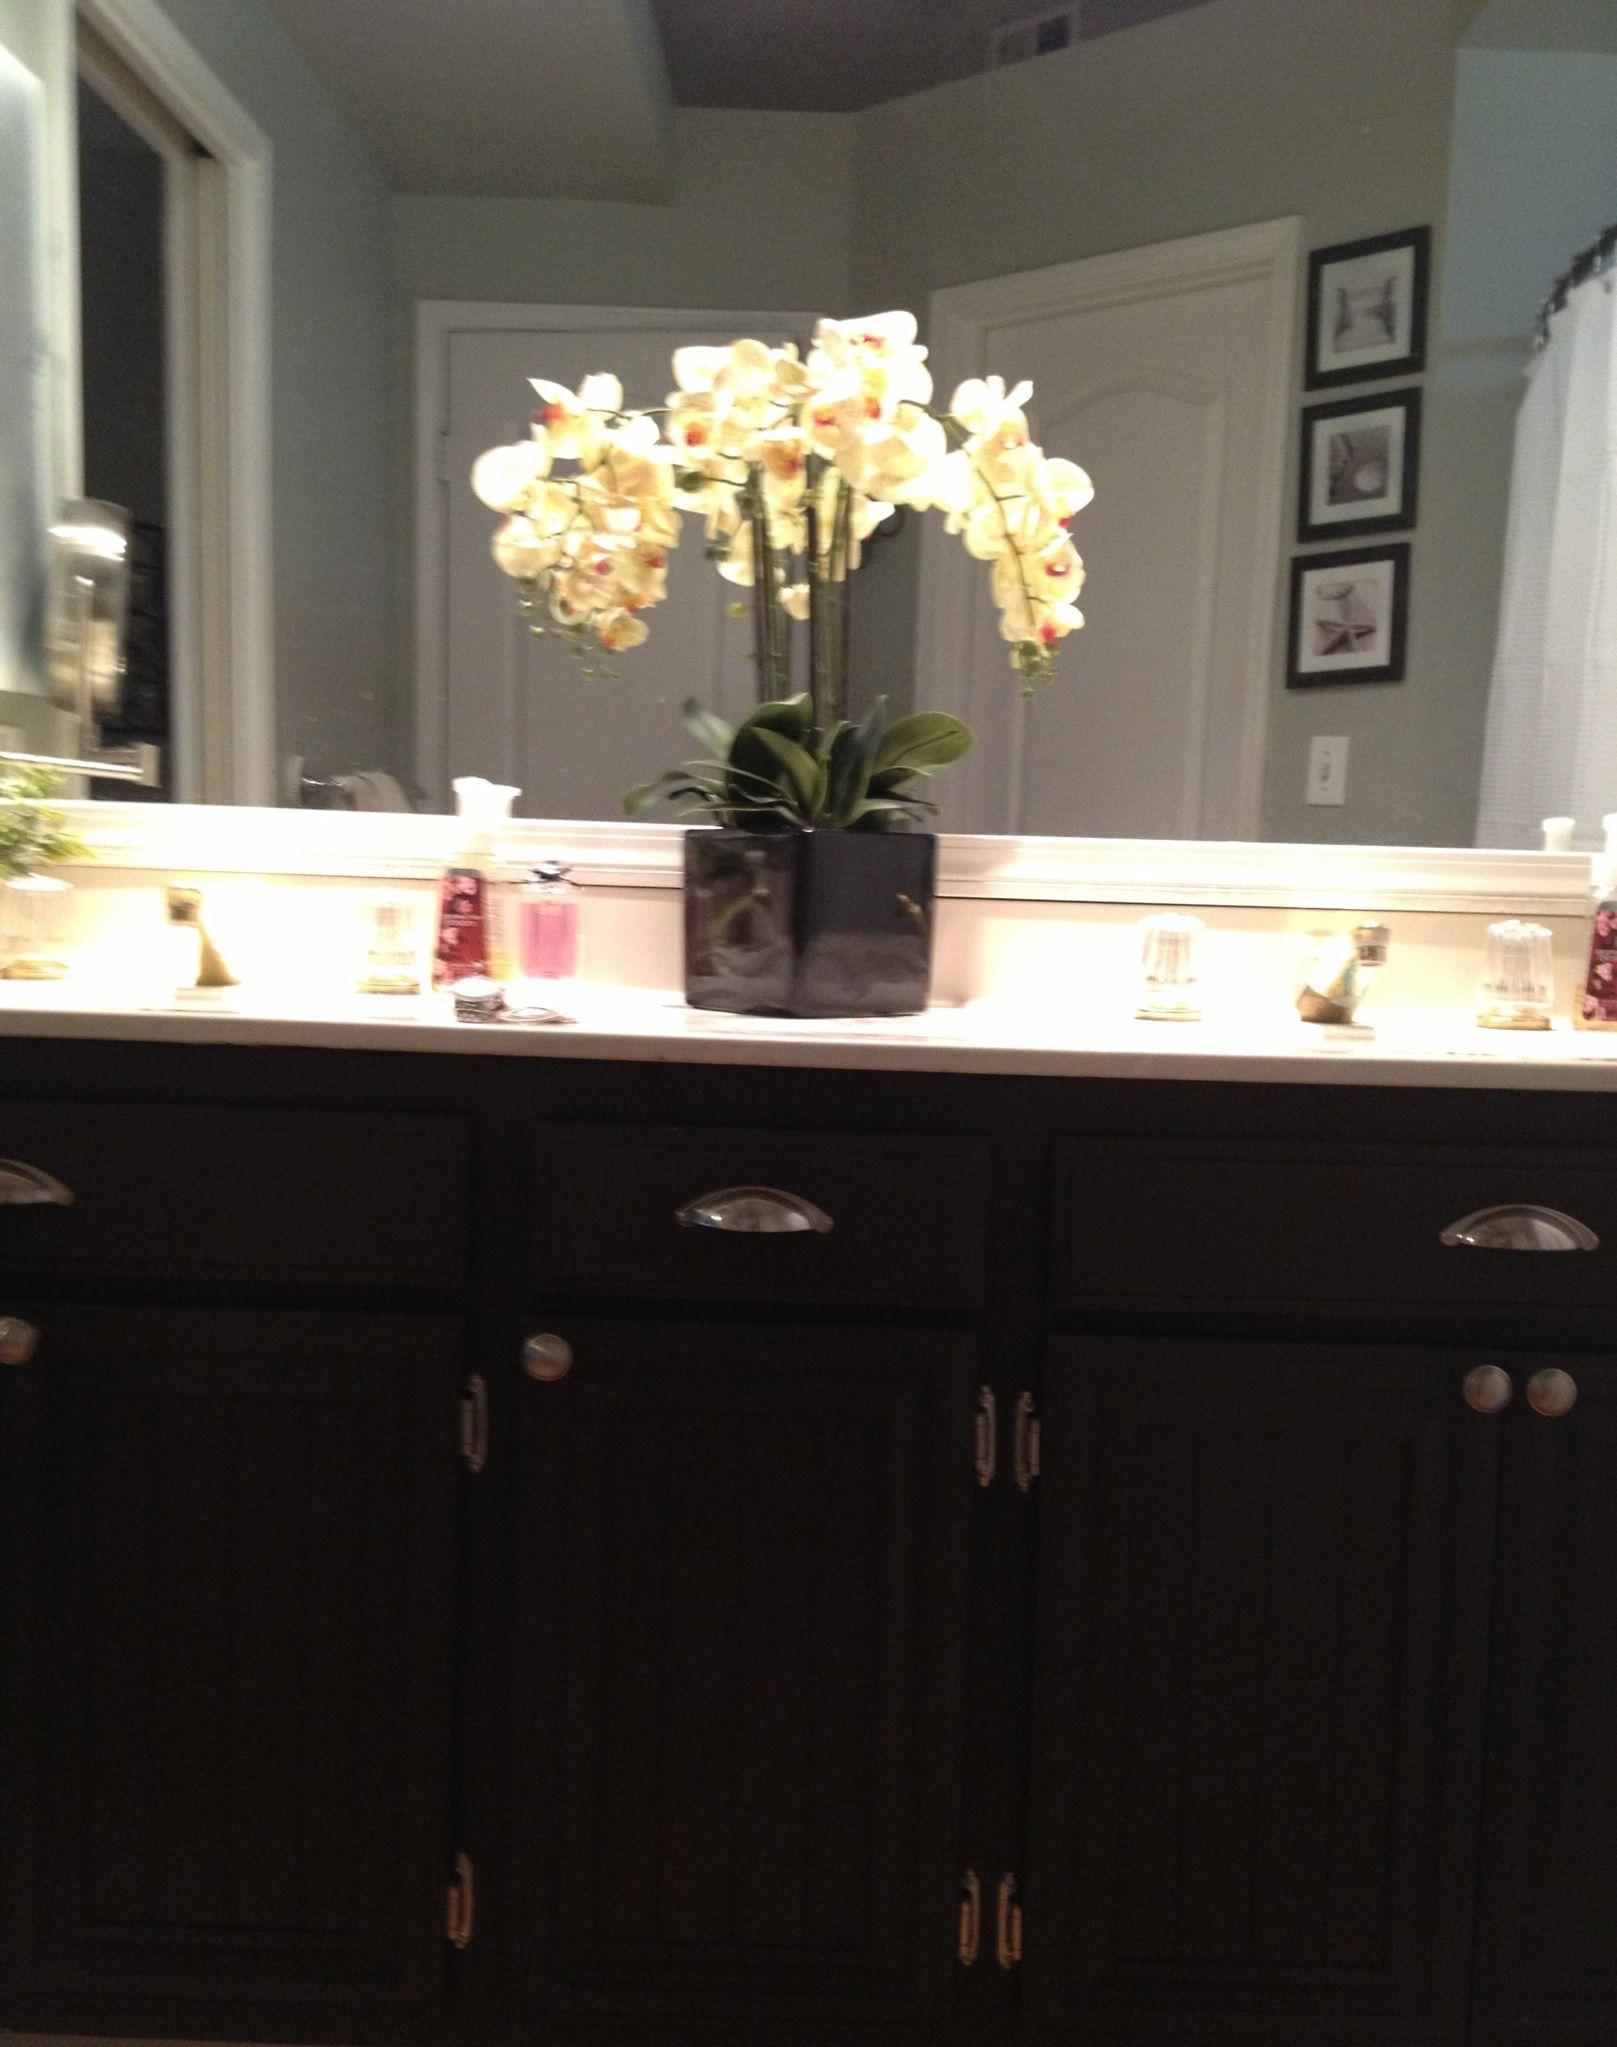 Bathroom cabinets refinished Cabinet Paint color Valspar